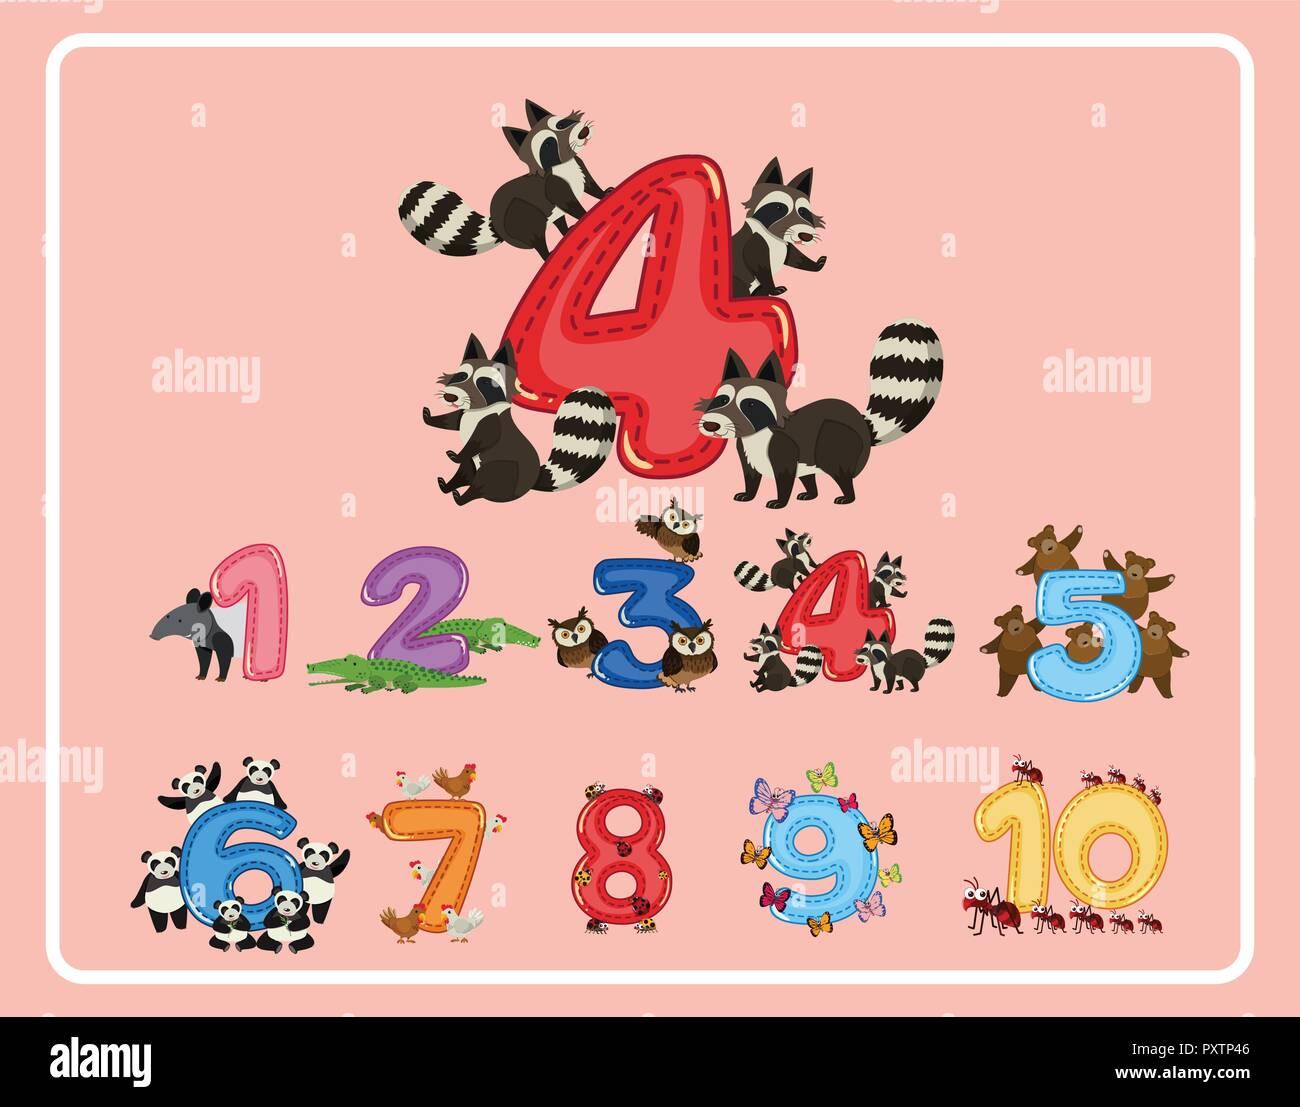 Número 1 al 10 con animales ilustración Imagen De Stock